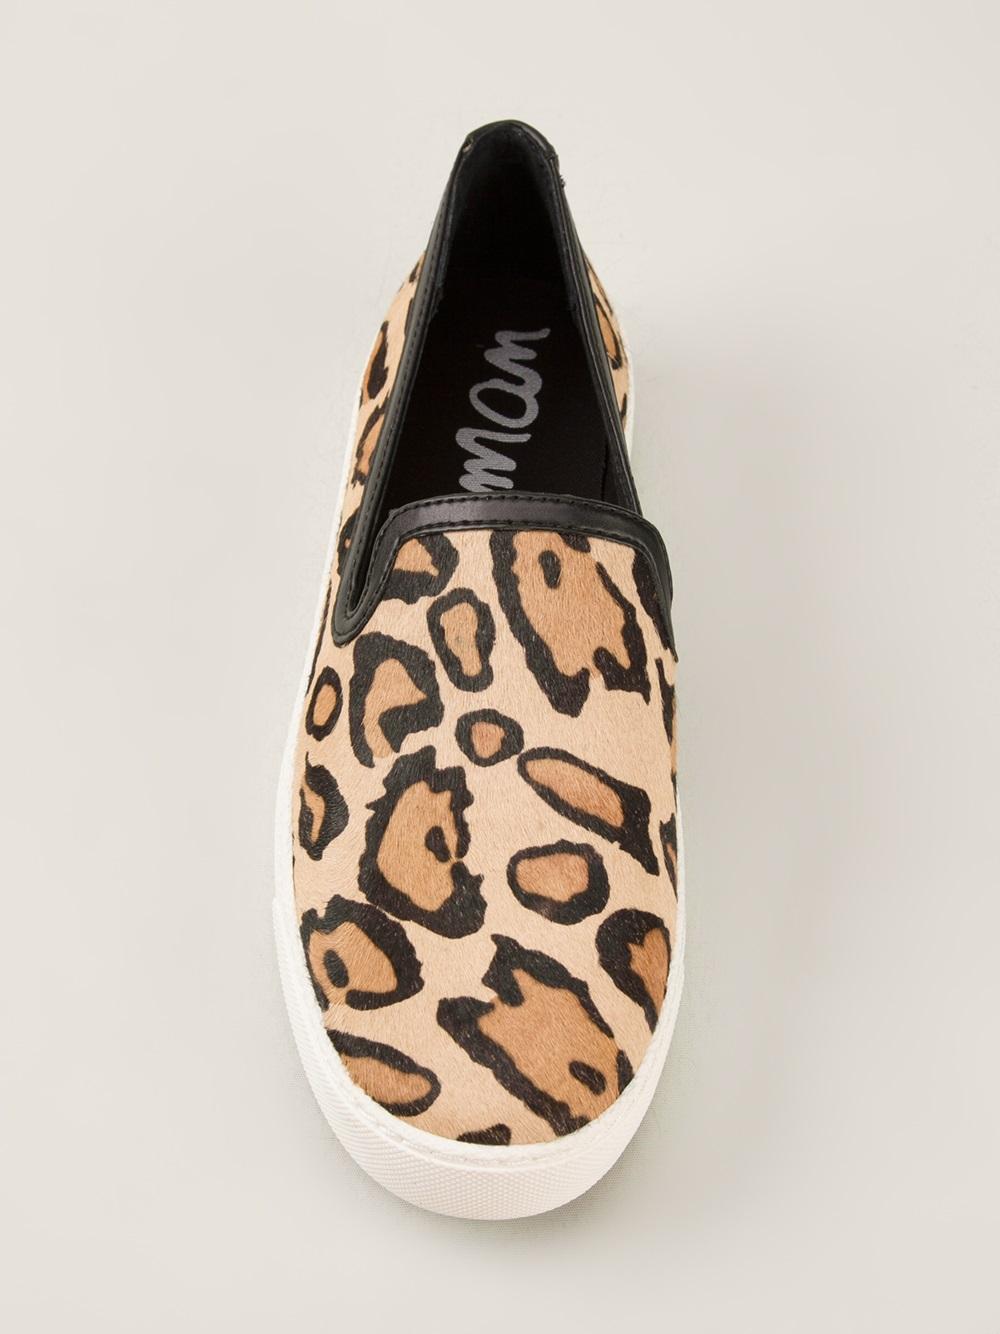 65f42c68adfe36 Sam Edelman Leopard Slip On Sneakers - Best Image of Leopard 2018